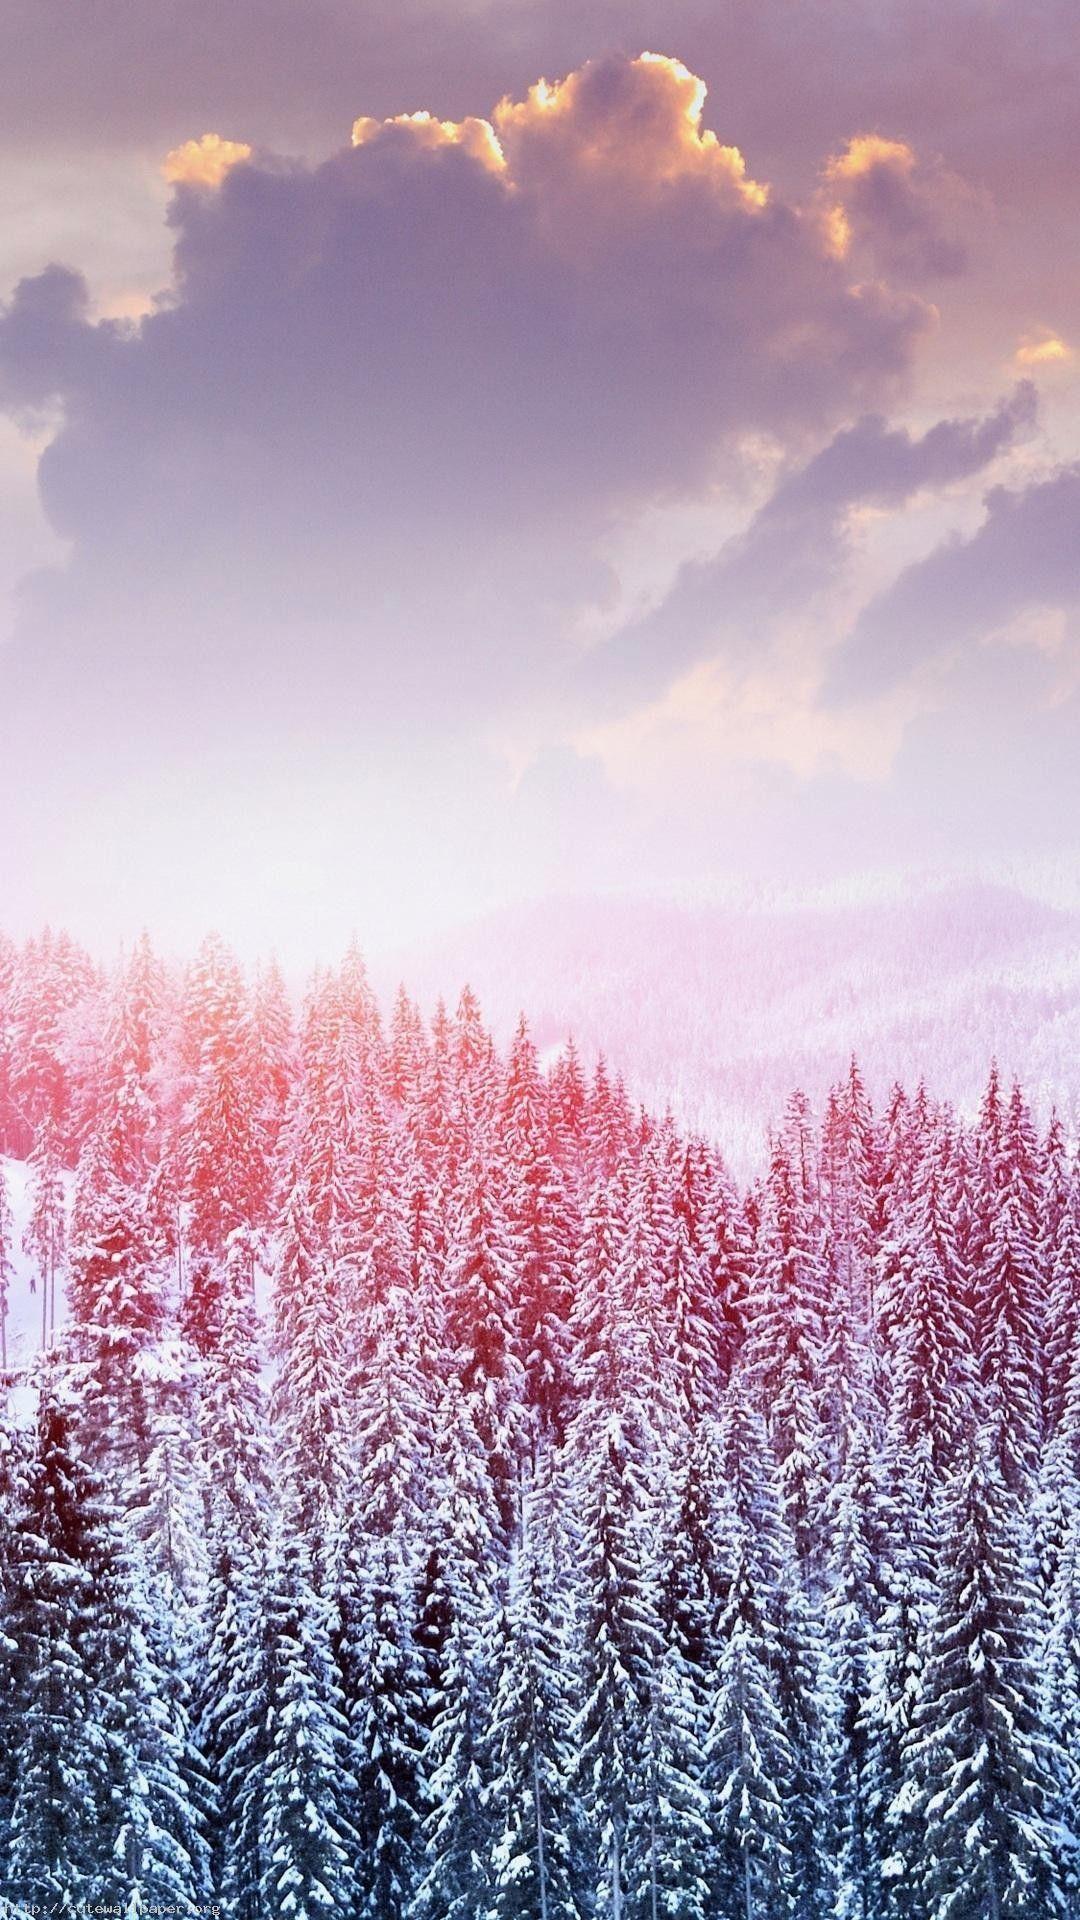 1080x1920 wallpaper in 2019 winter wallpaper iphone wallpaper und iphone 6 wallpaper